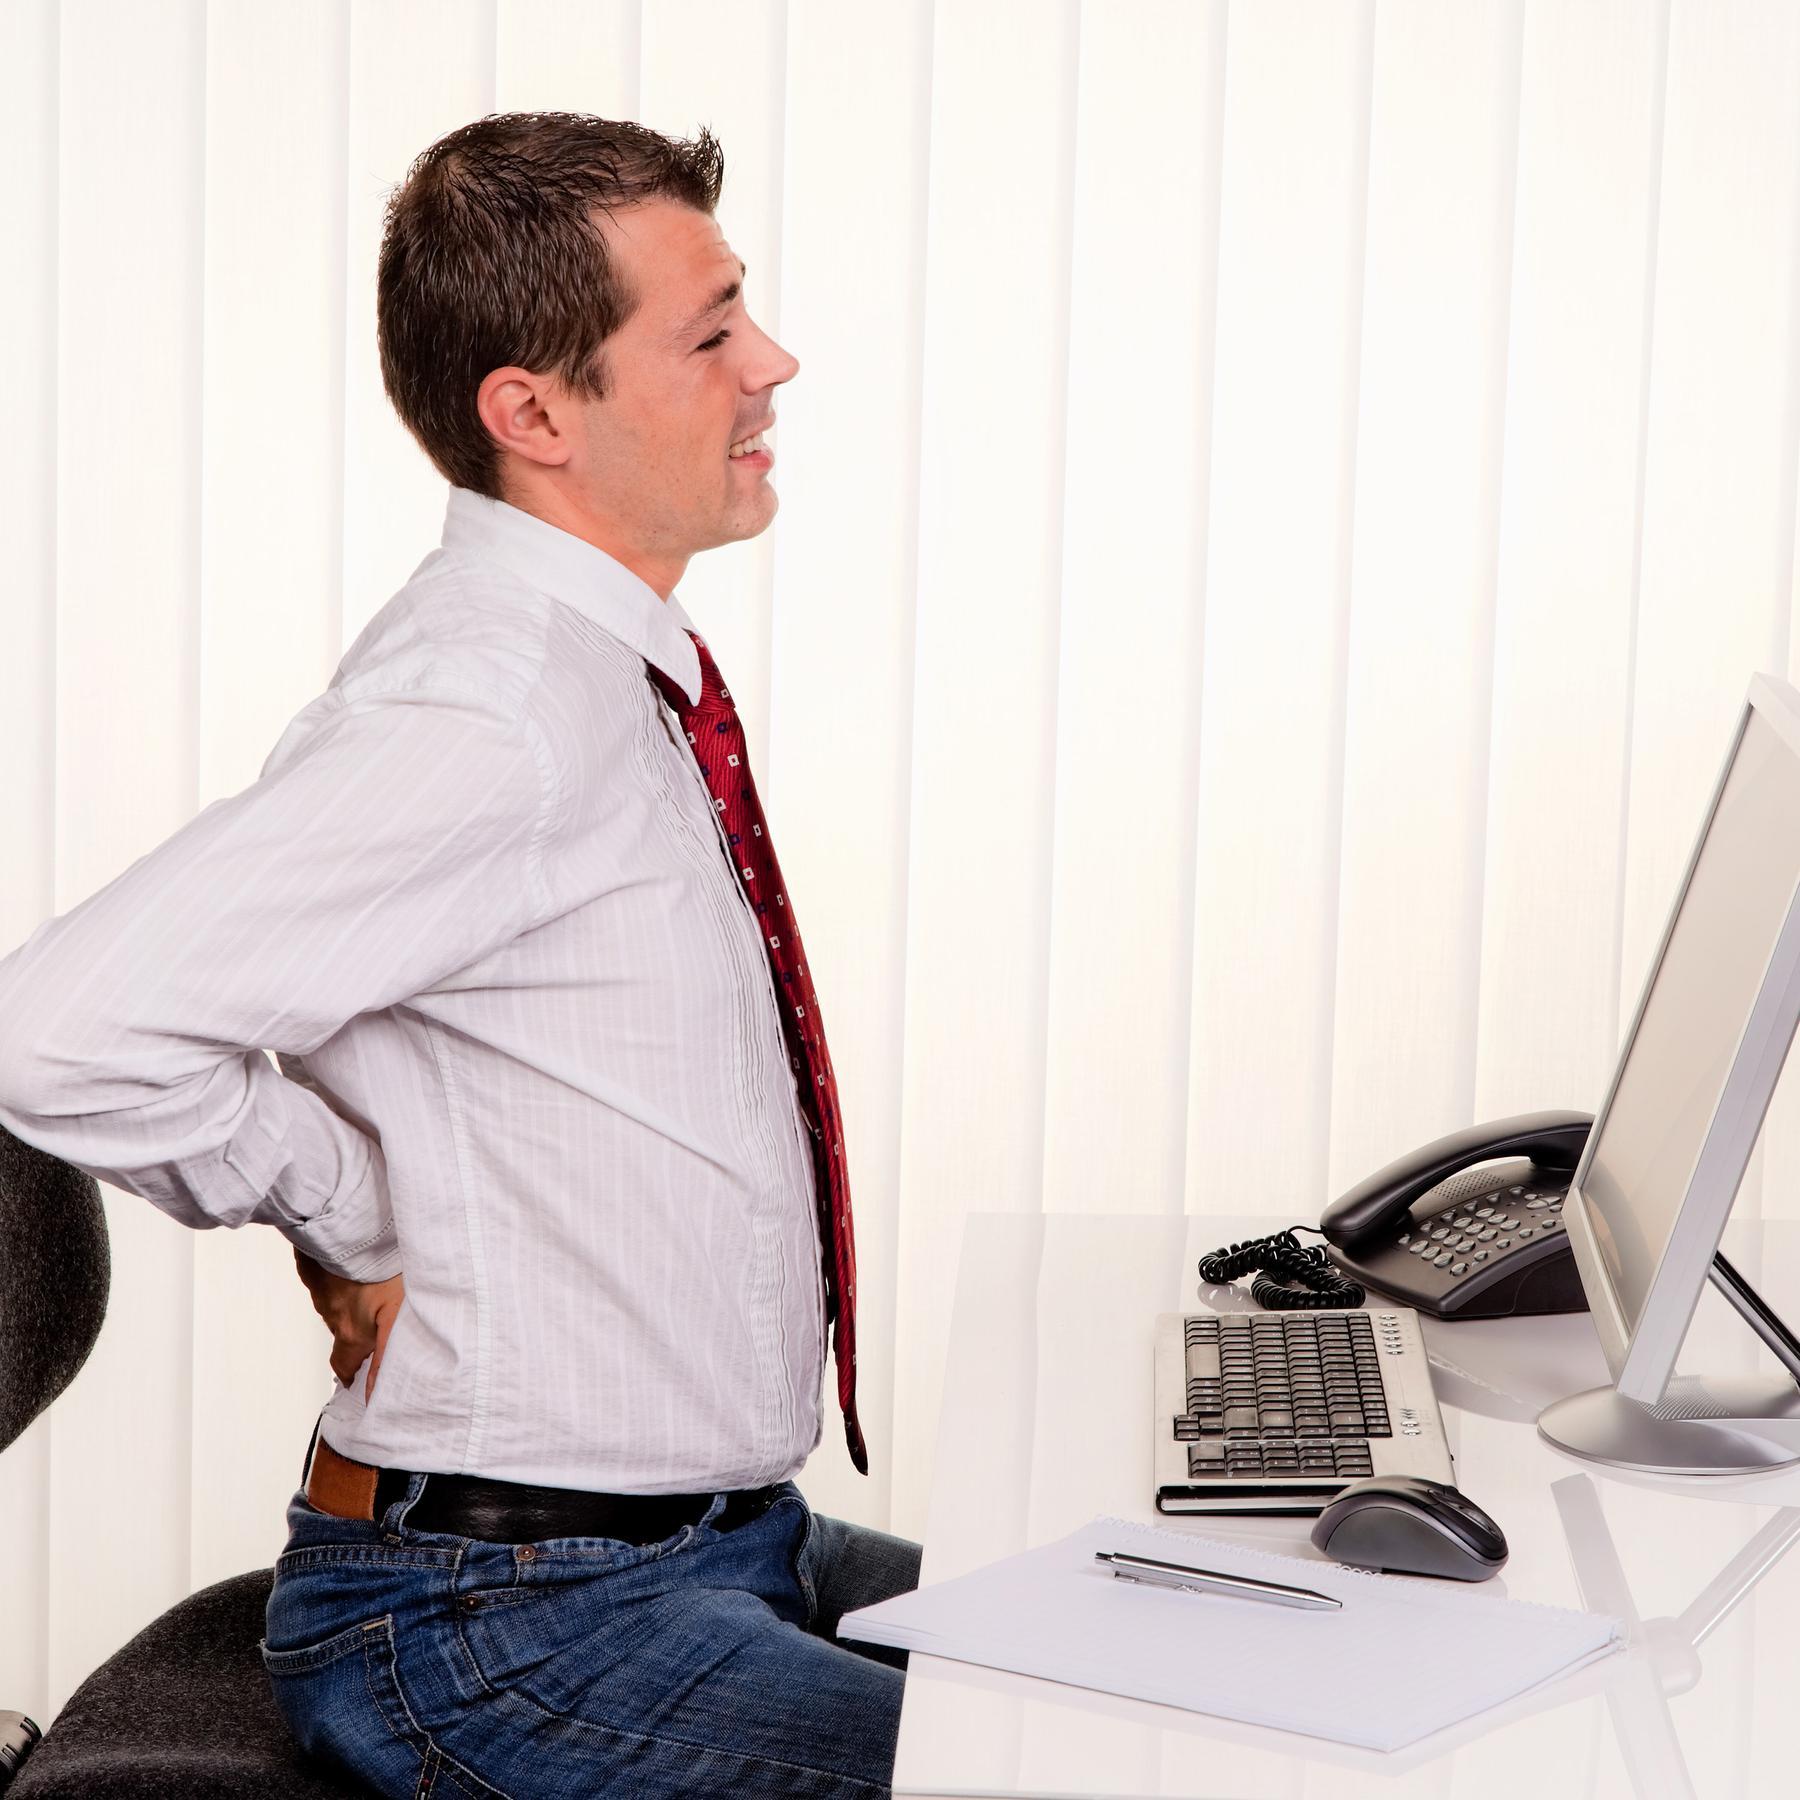 Diagnose Sitzen - Krank durch mangelnde Bewegung